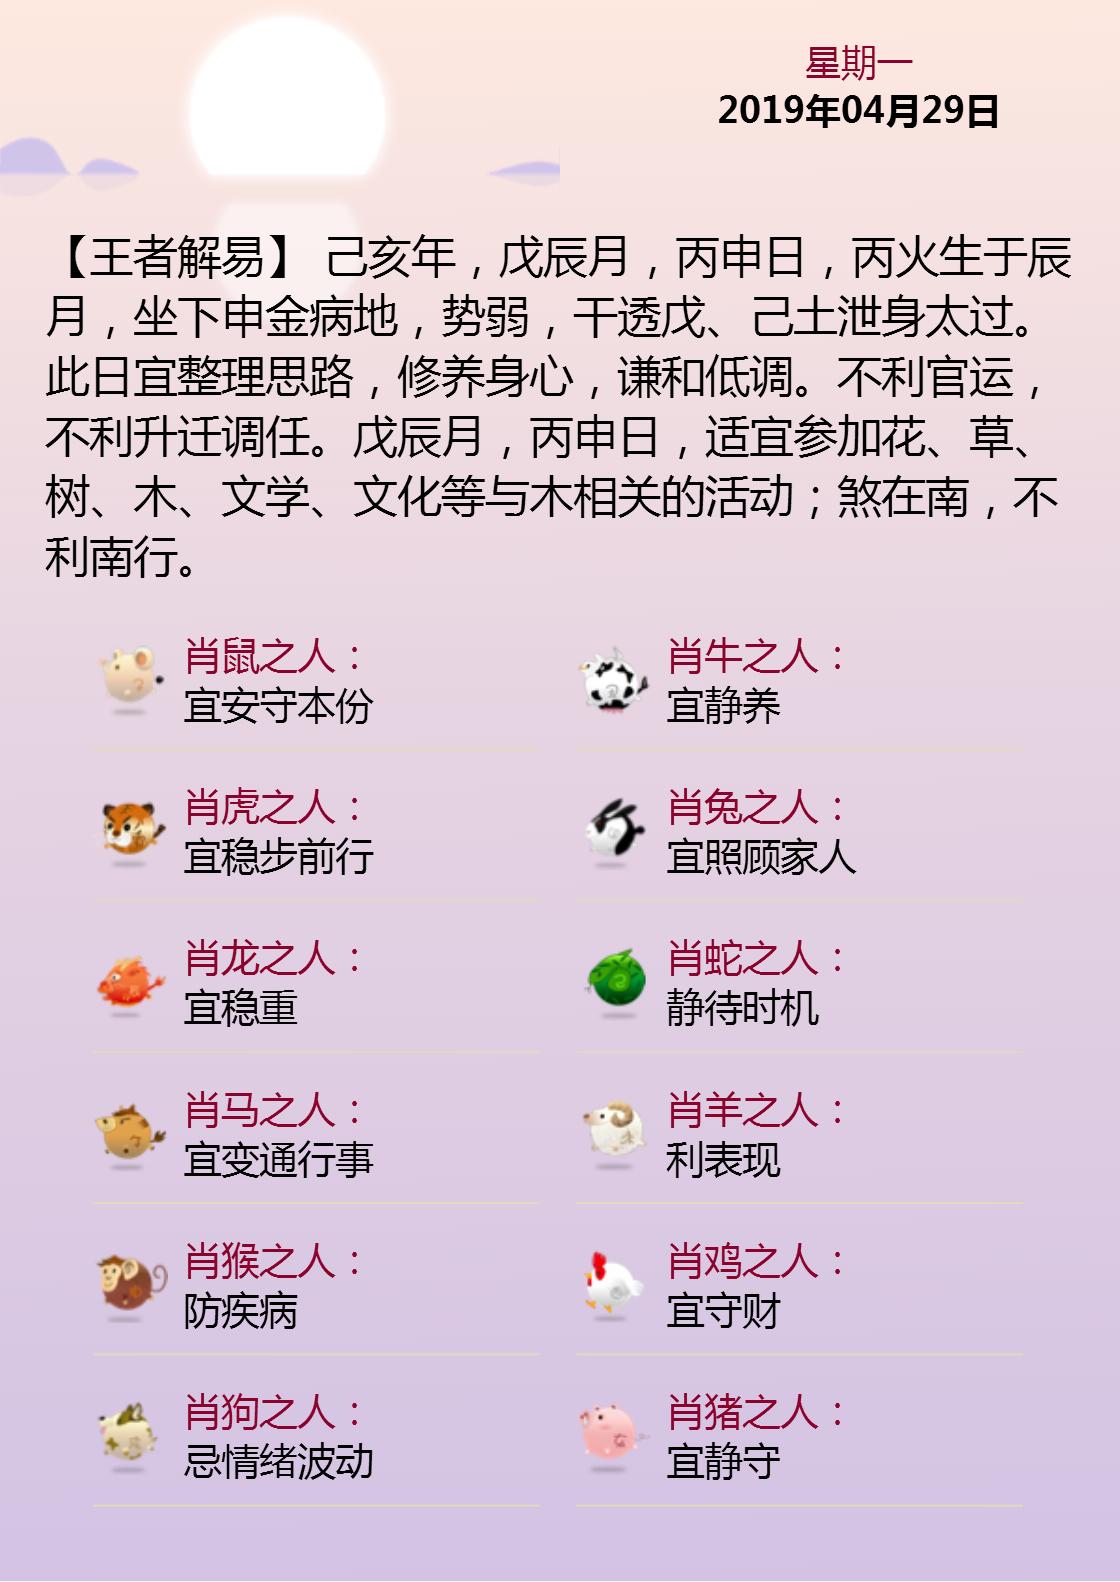 黄历海报20190429.png